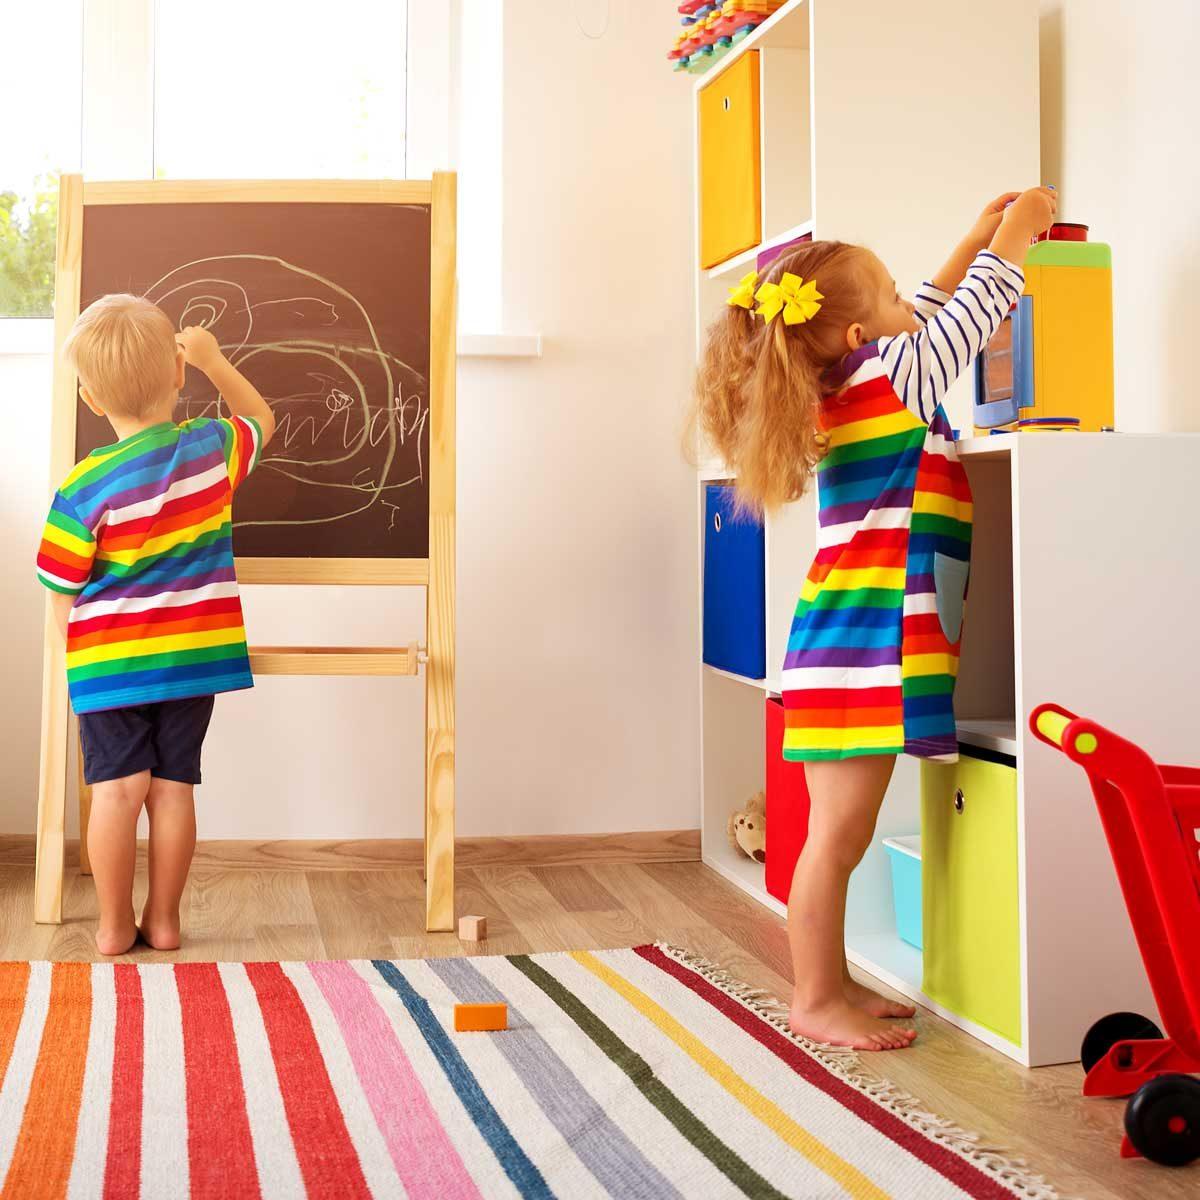 gender-neutral playroom